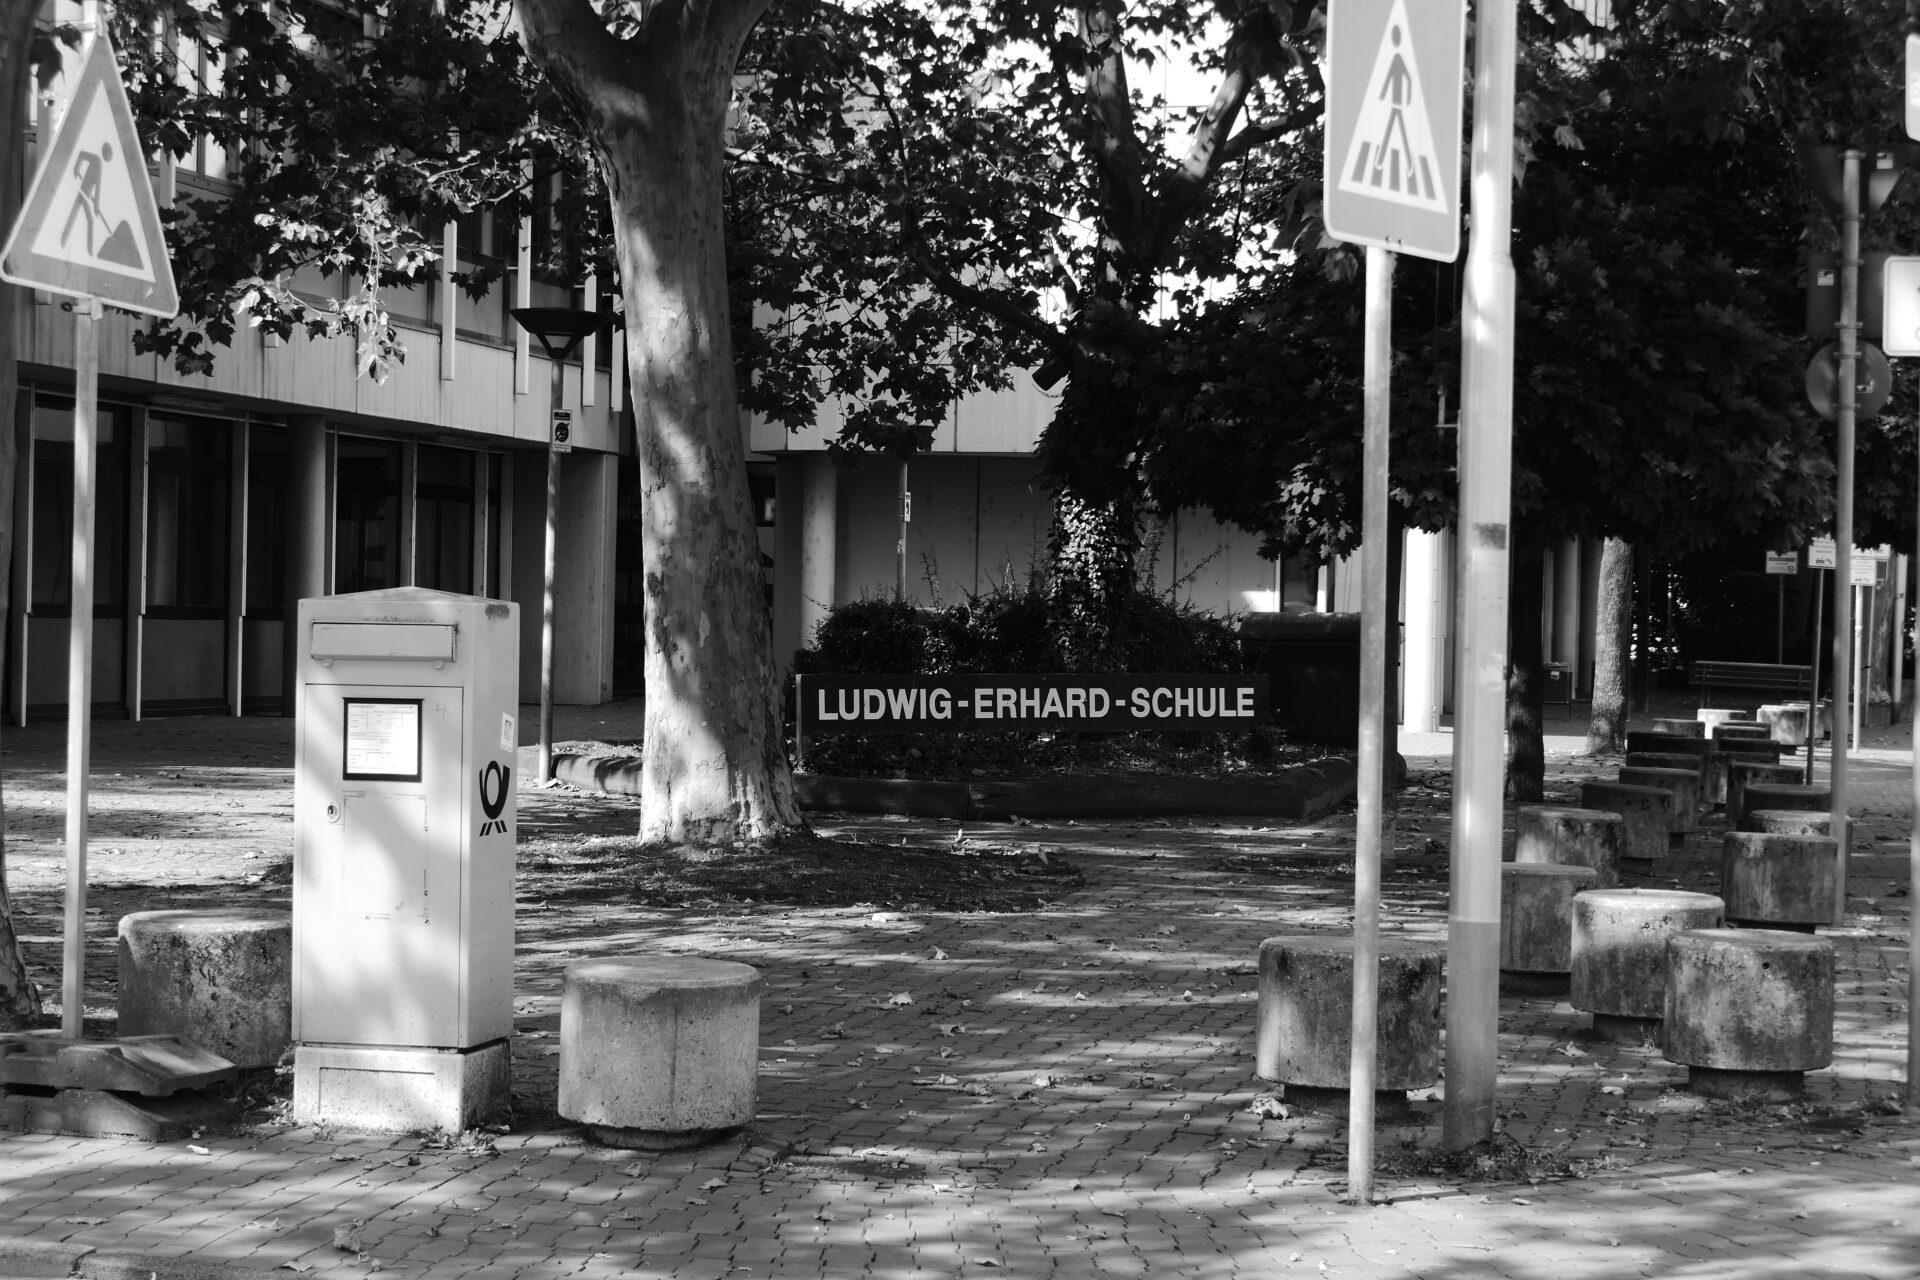 Ludwig-Erhard-Schule, Unterliederbach